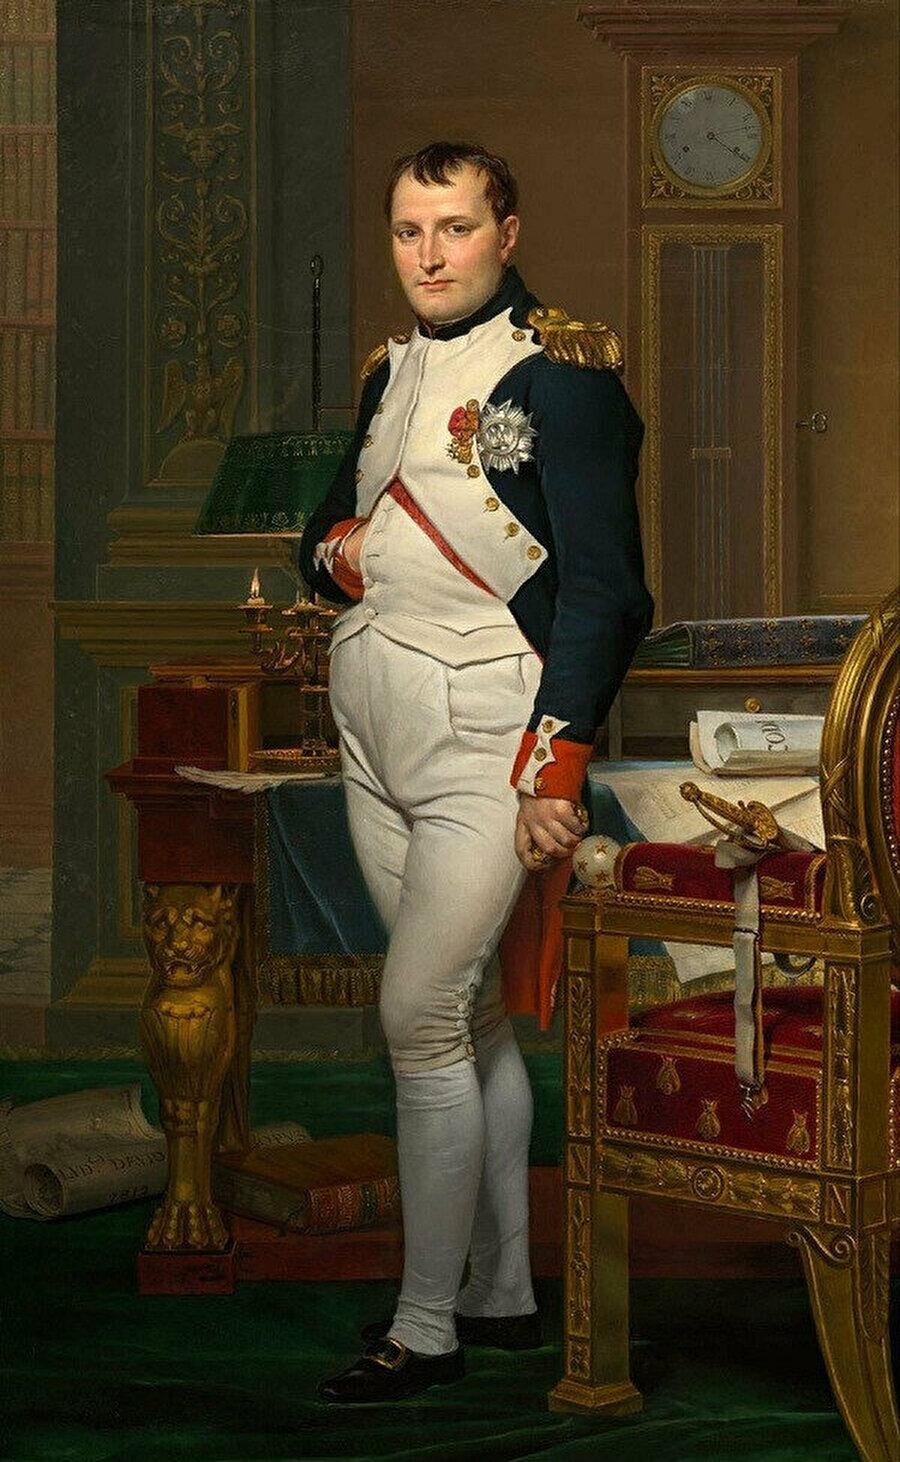 1798'de Mısır'a sefer başlatan Napolyon Bonapart 1799'da Akka'da ağır bir yenilgiye uğradı.